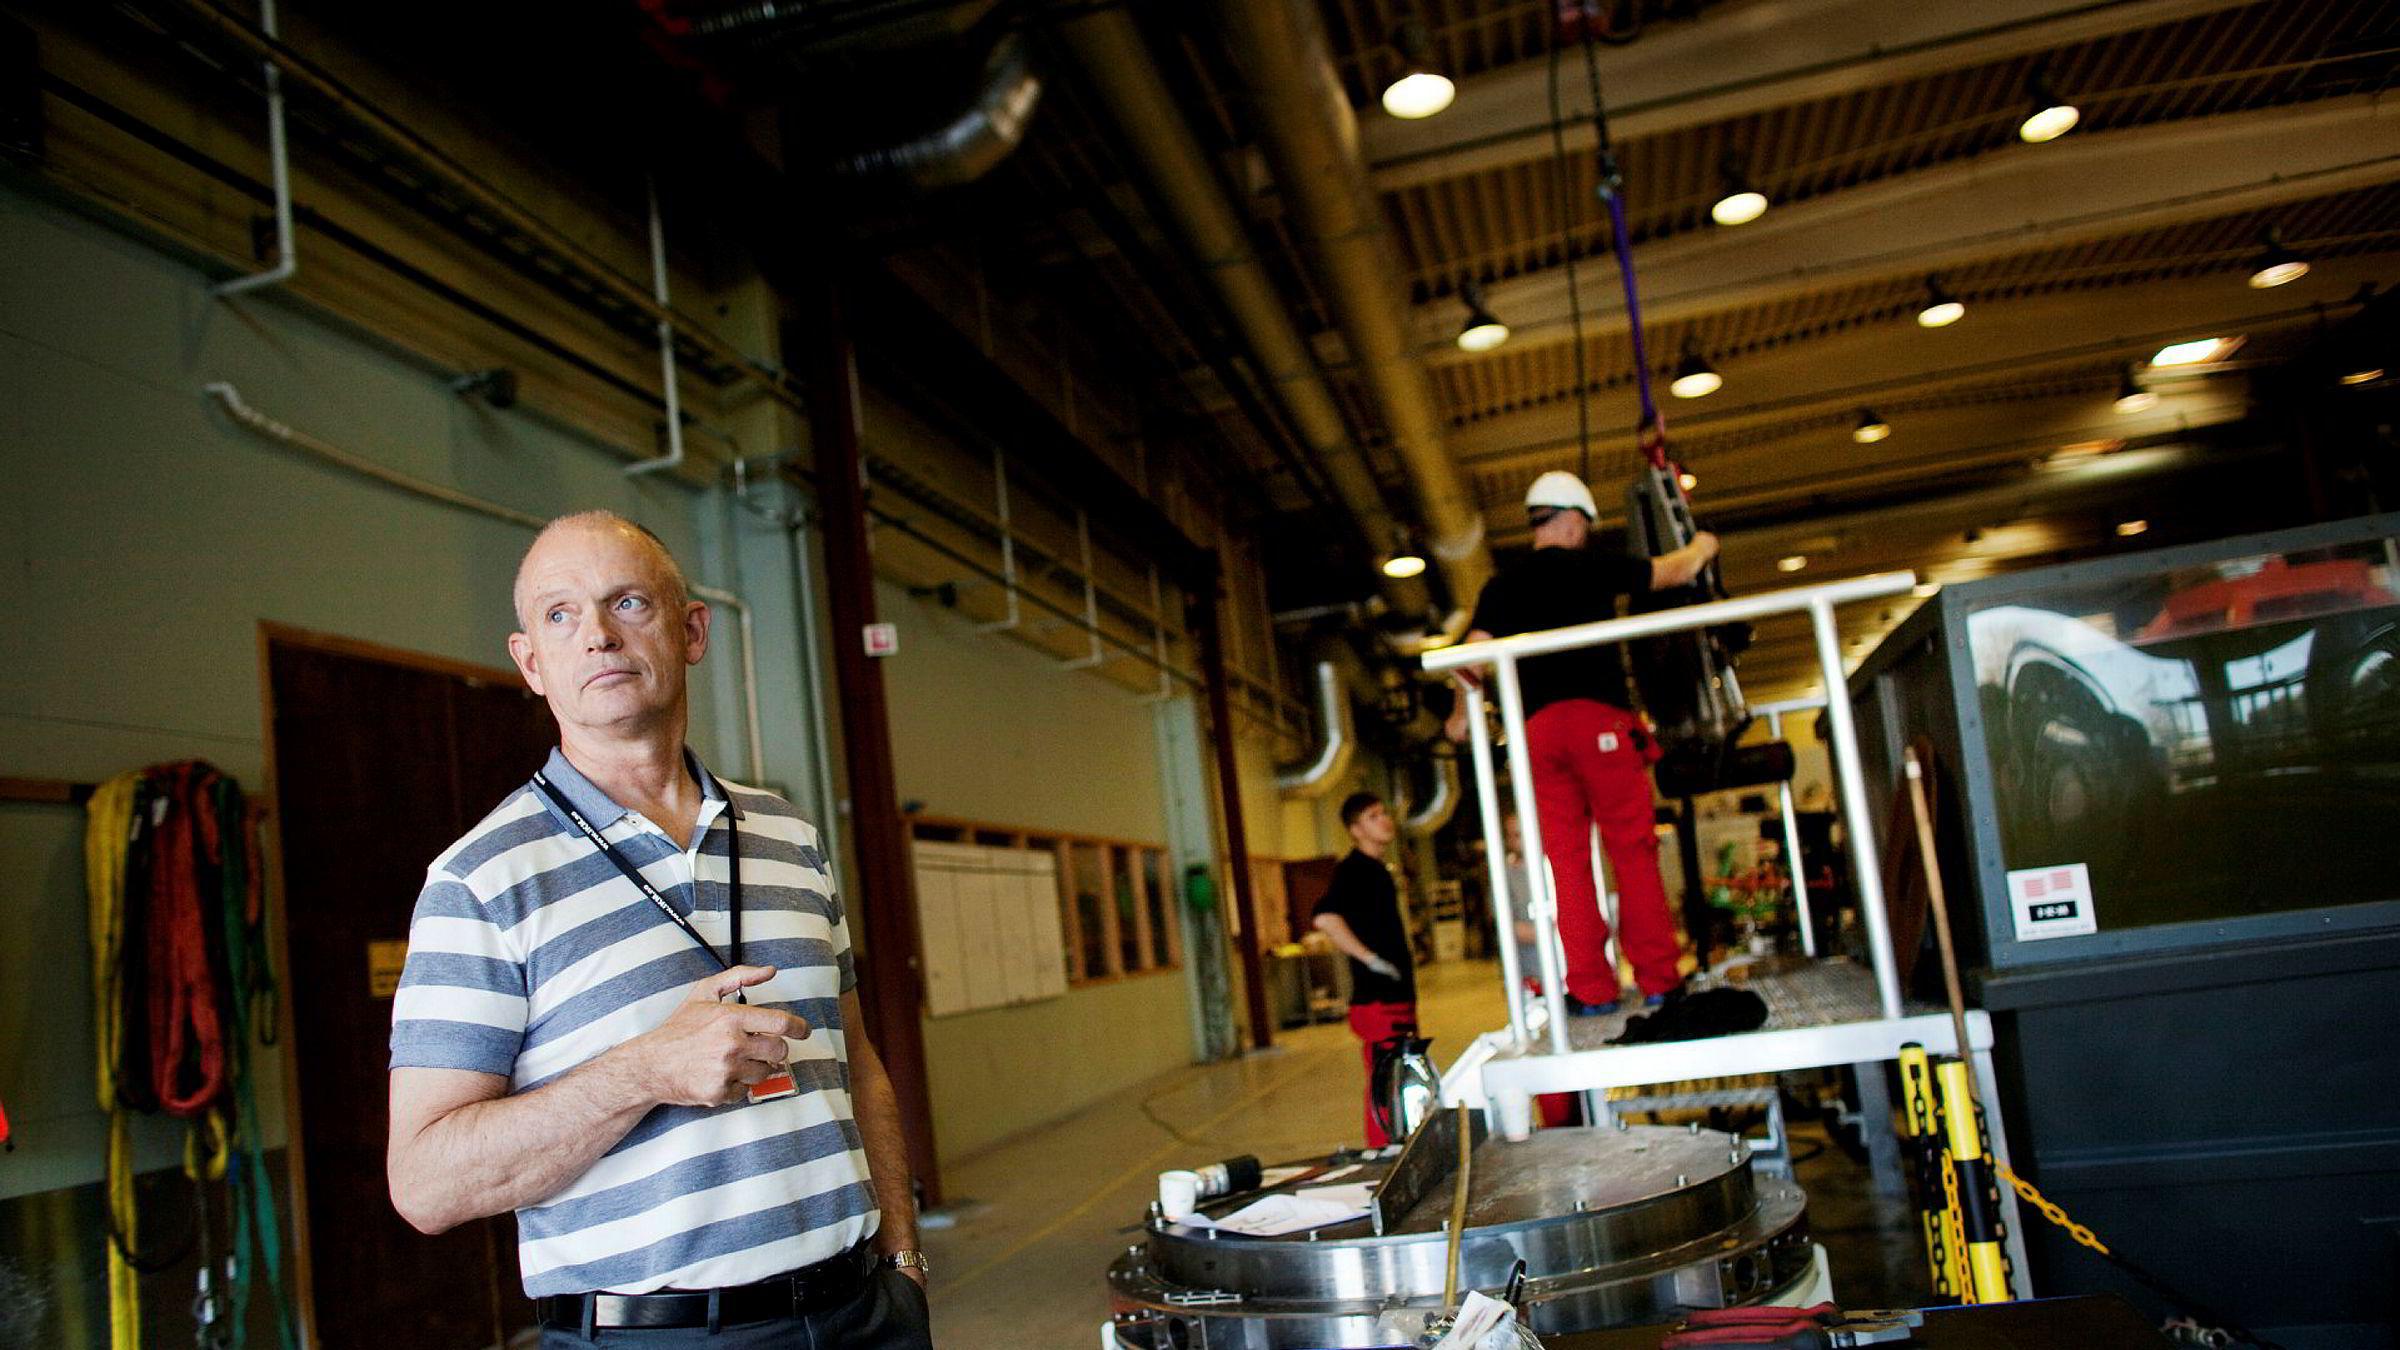 Oljeleverandør og eier av IKM-gruppen Ståle Kyllingstad er glad for Røkkes signaler